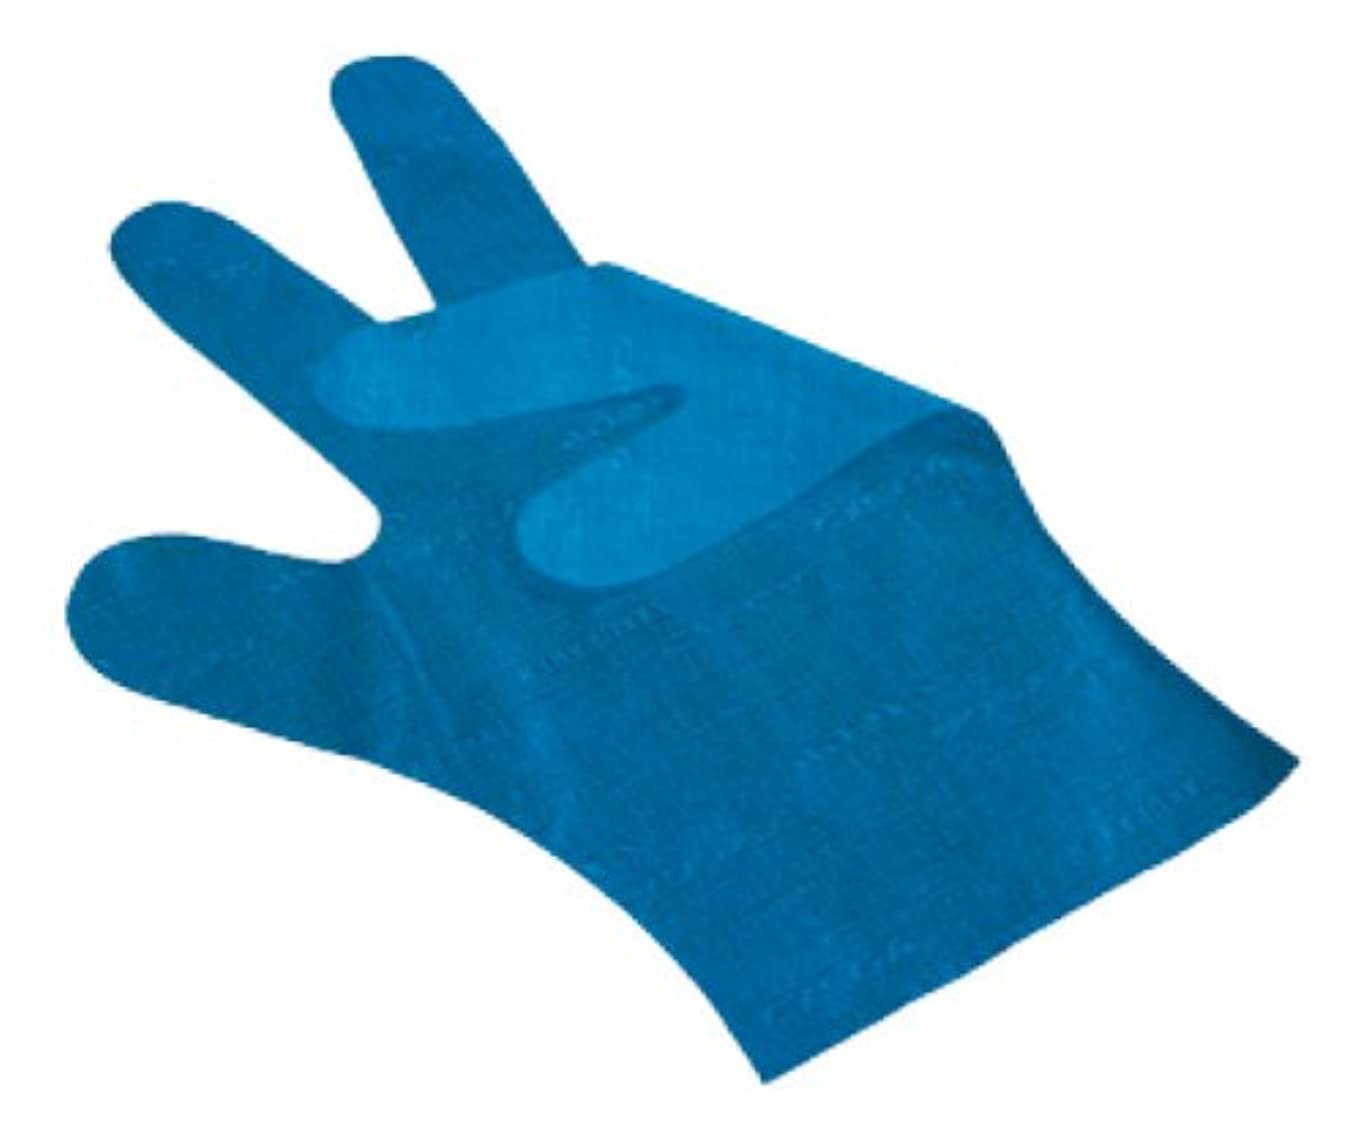 消費する郡防衛サクラメン手袋 デラックス(100枚入)S ブルー 35μ